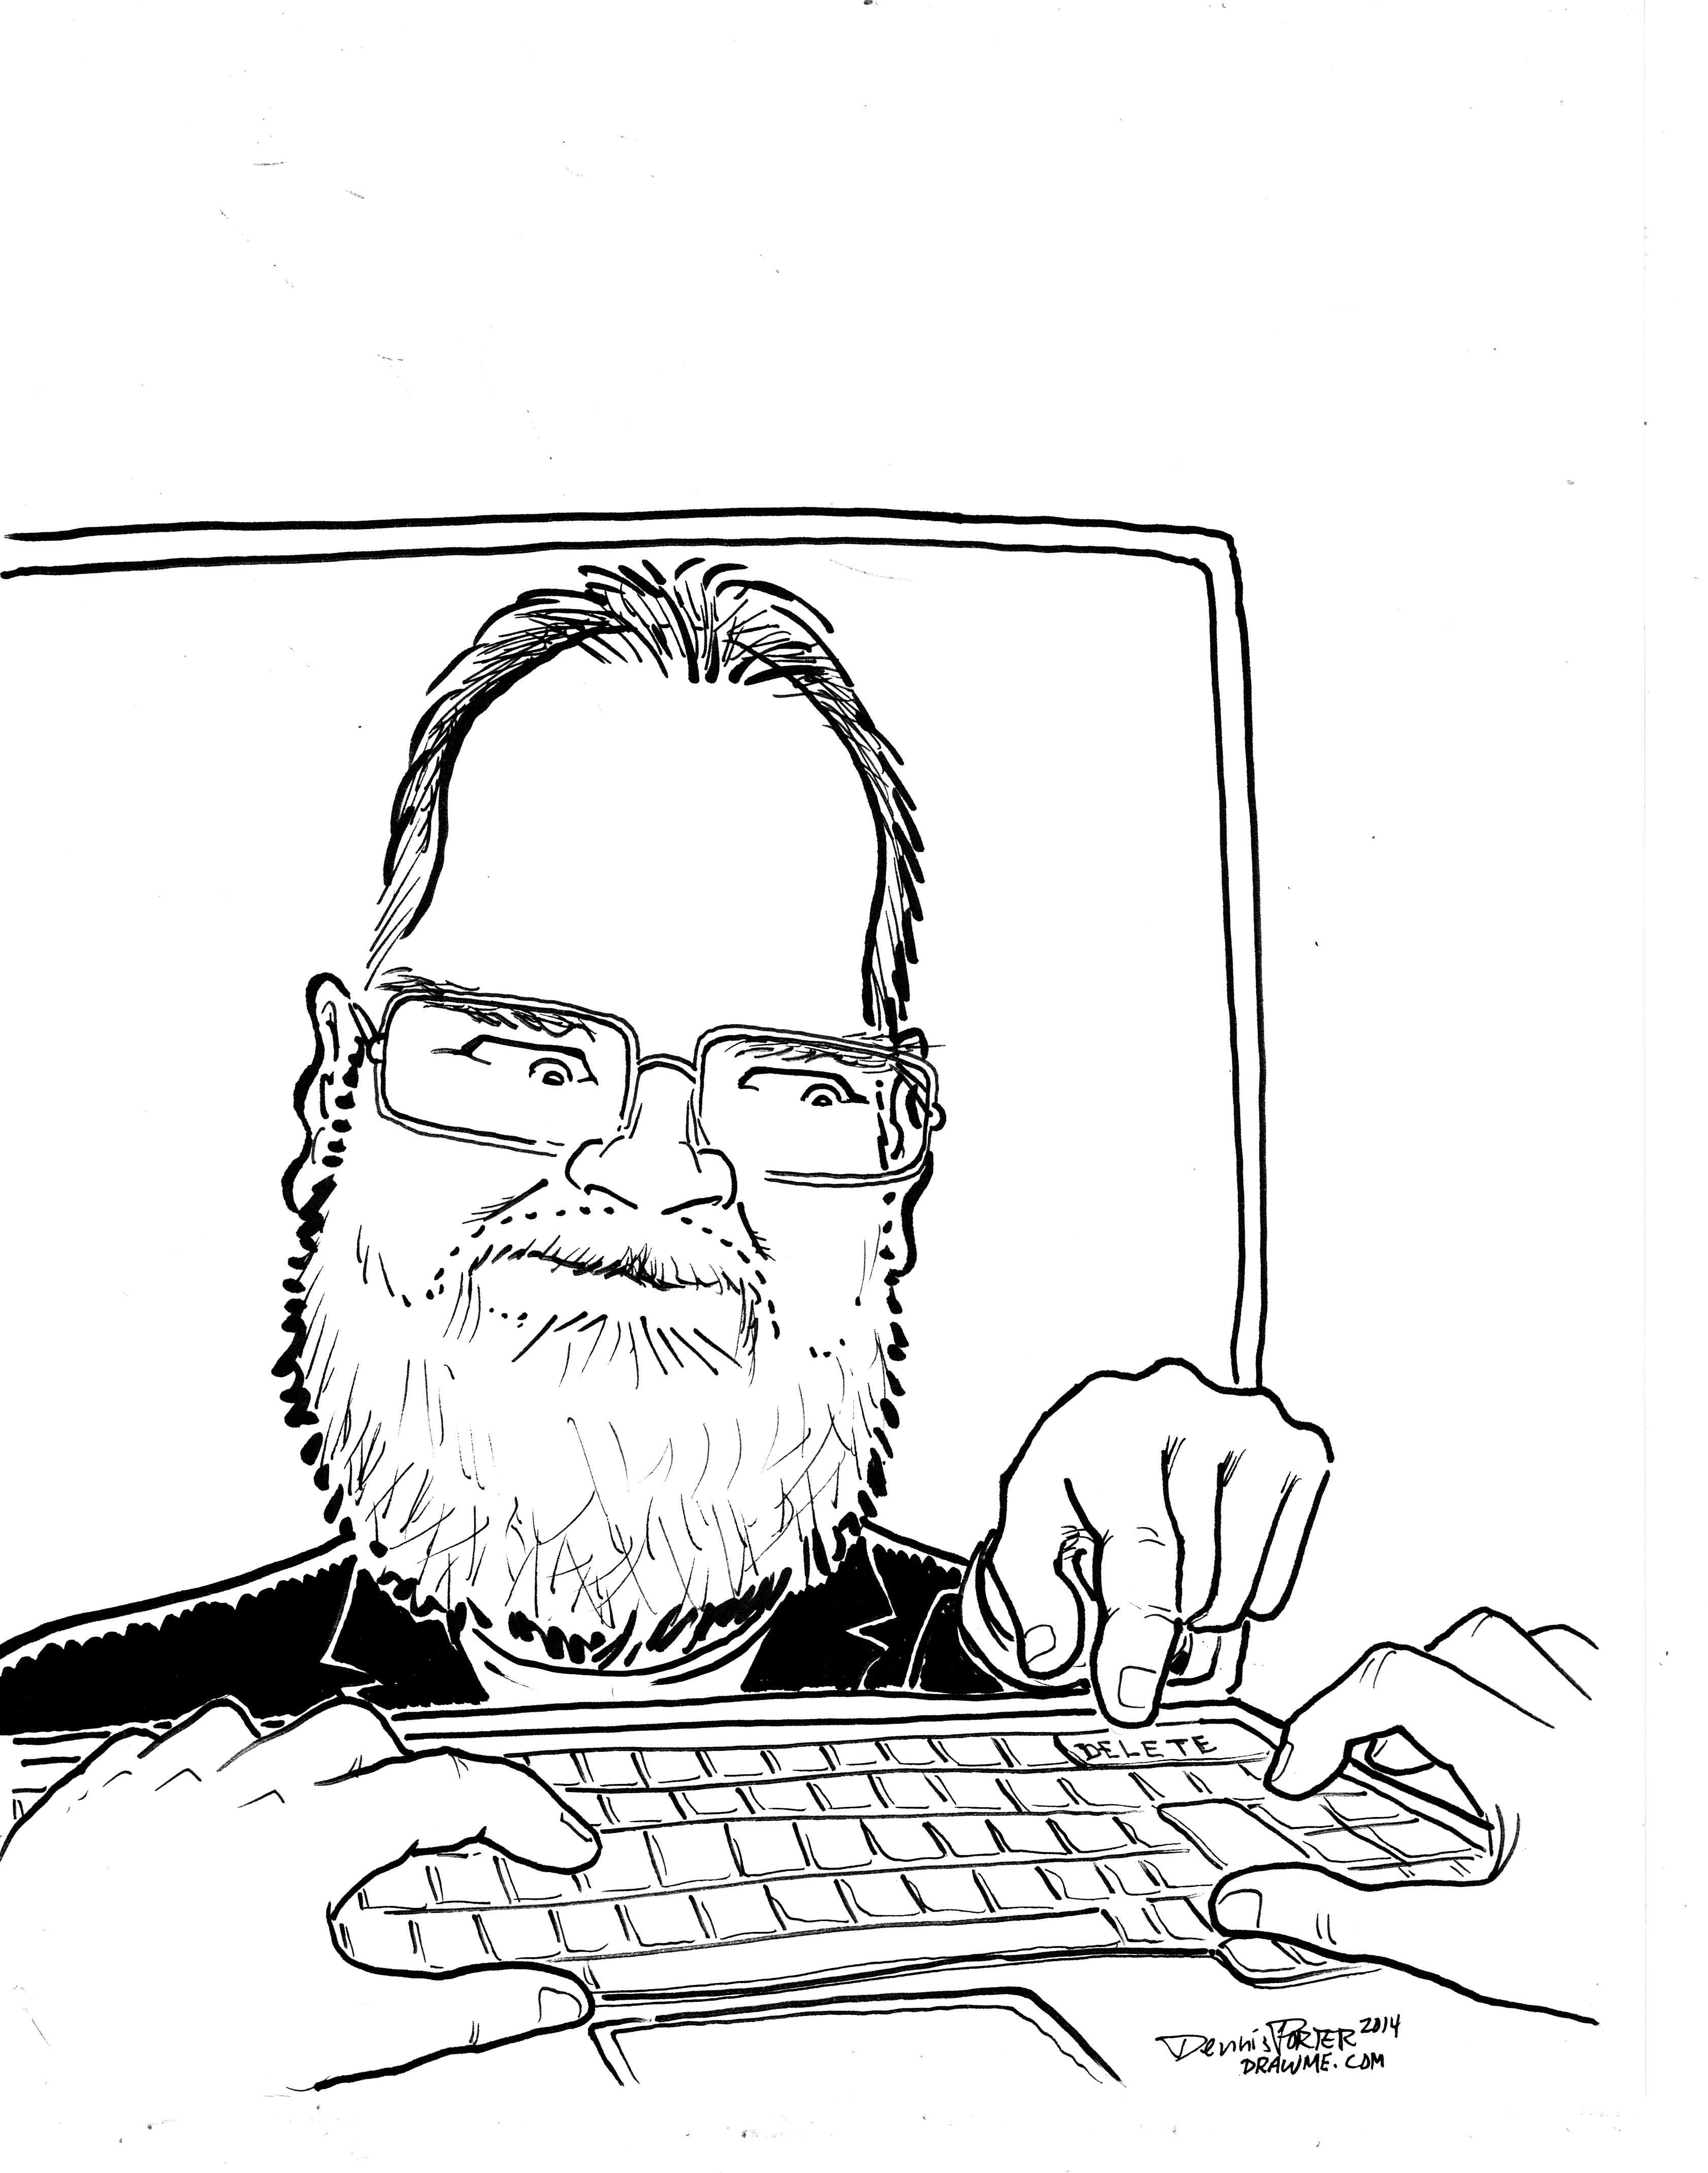 Geek guy caricature